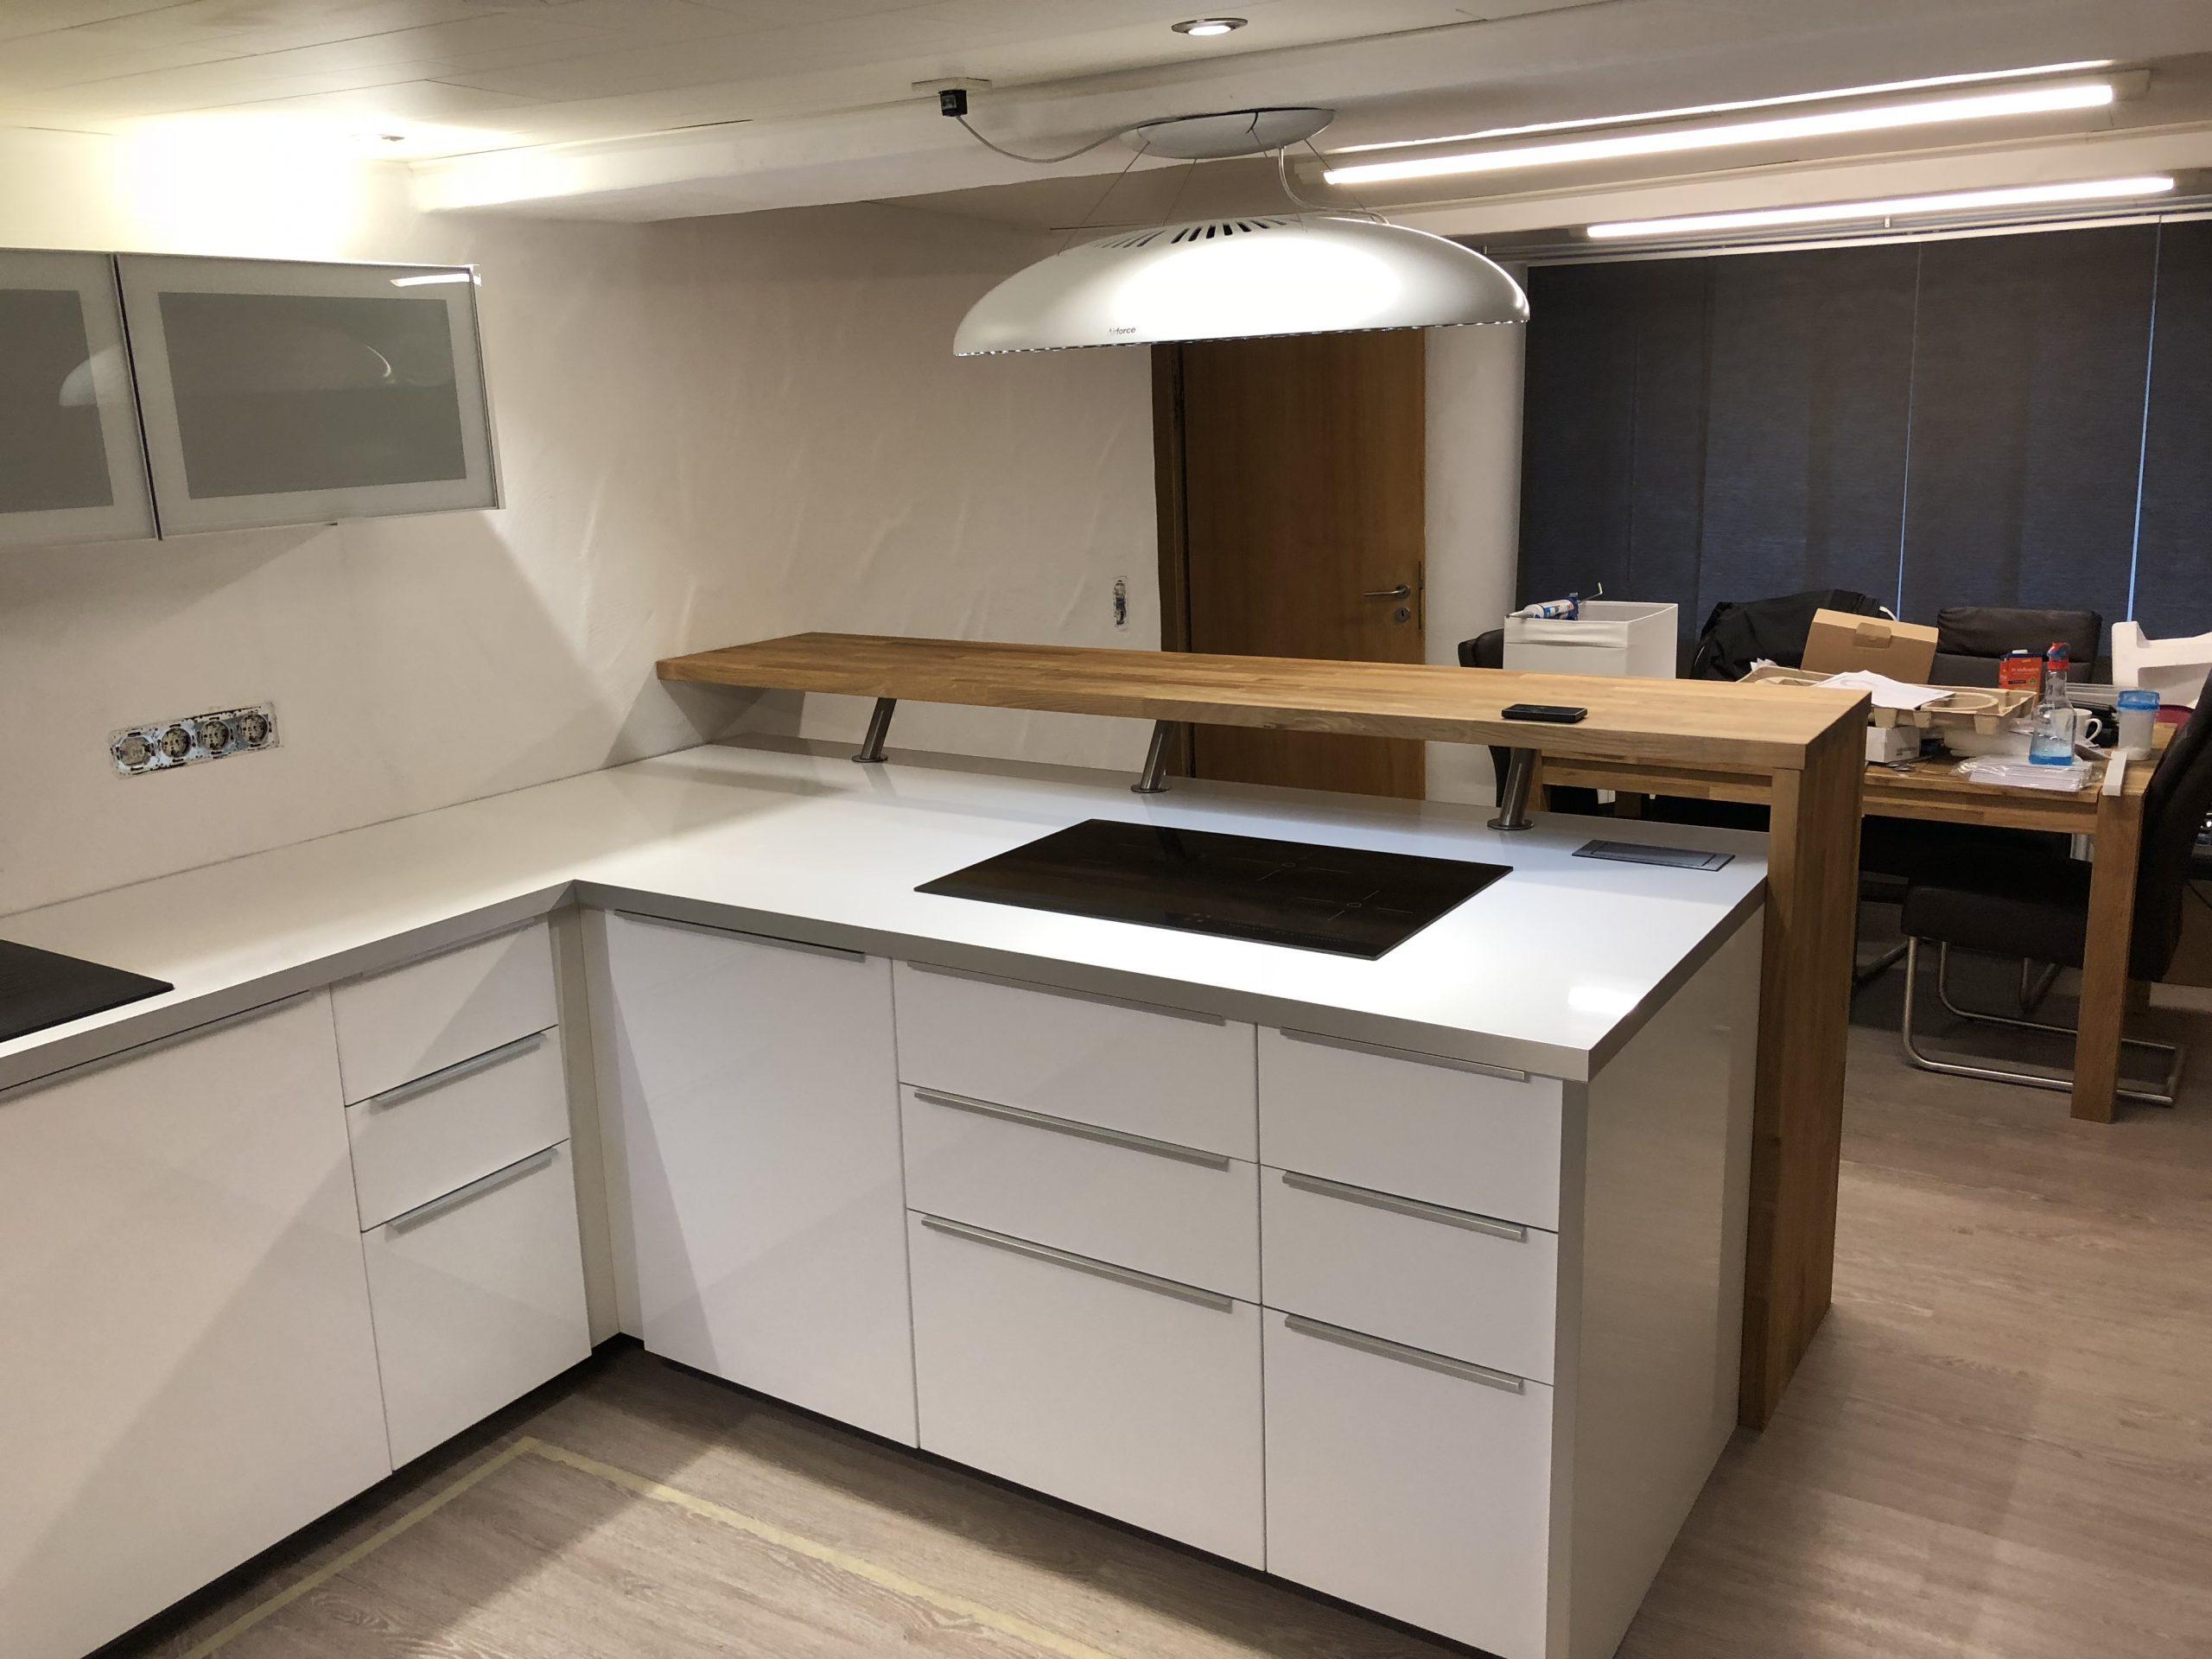 Full Size of Ikea Kchen Küchen Regal Modulküche Betten Bei Küche Kosten Kaufen 160x200 Sofa Mit Schlaffunktion Miniküche Wohnzimmer Ikea Küchen